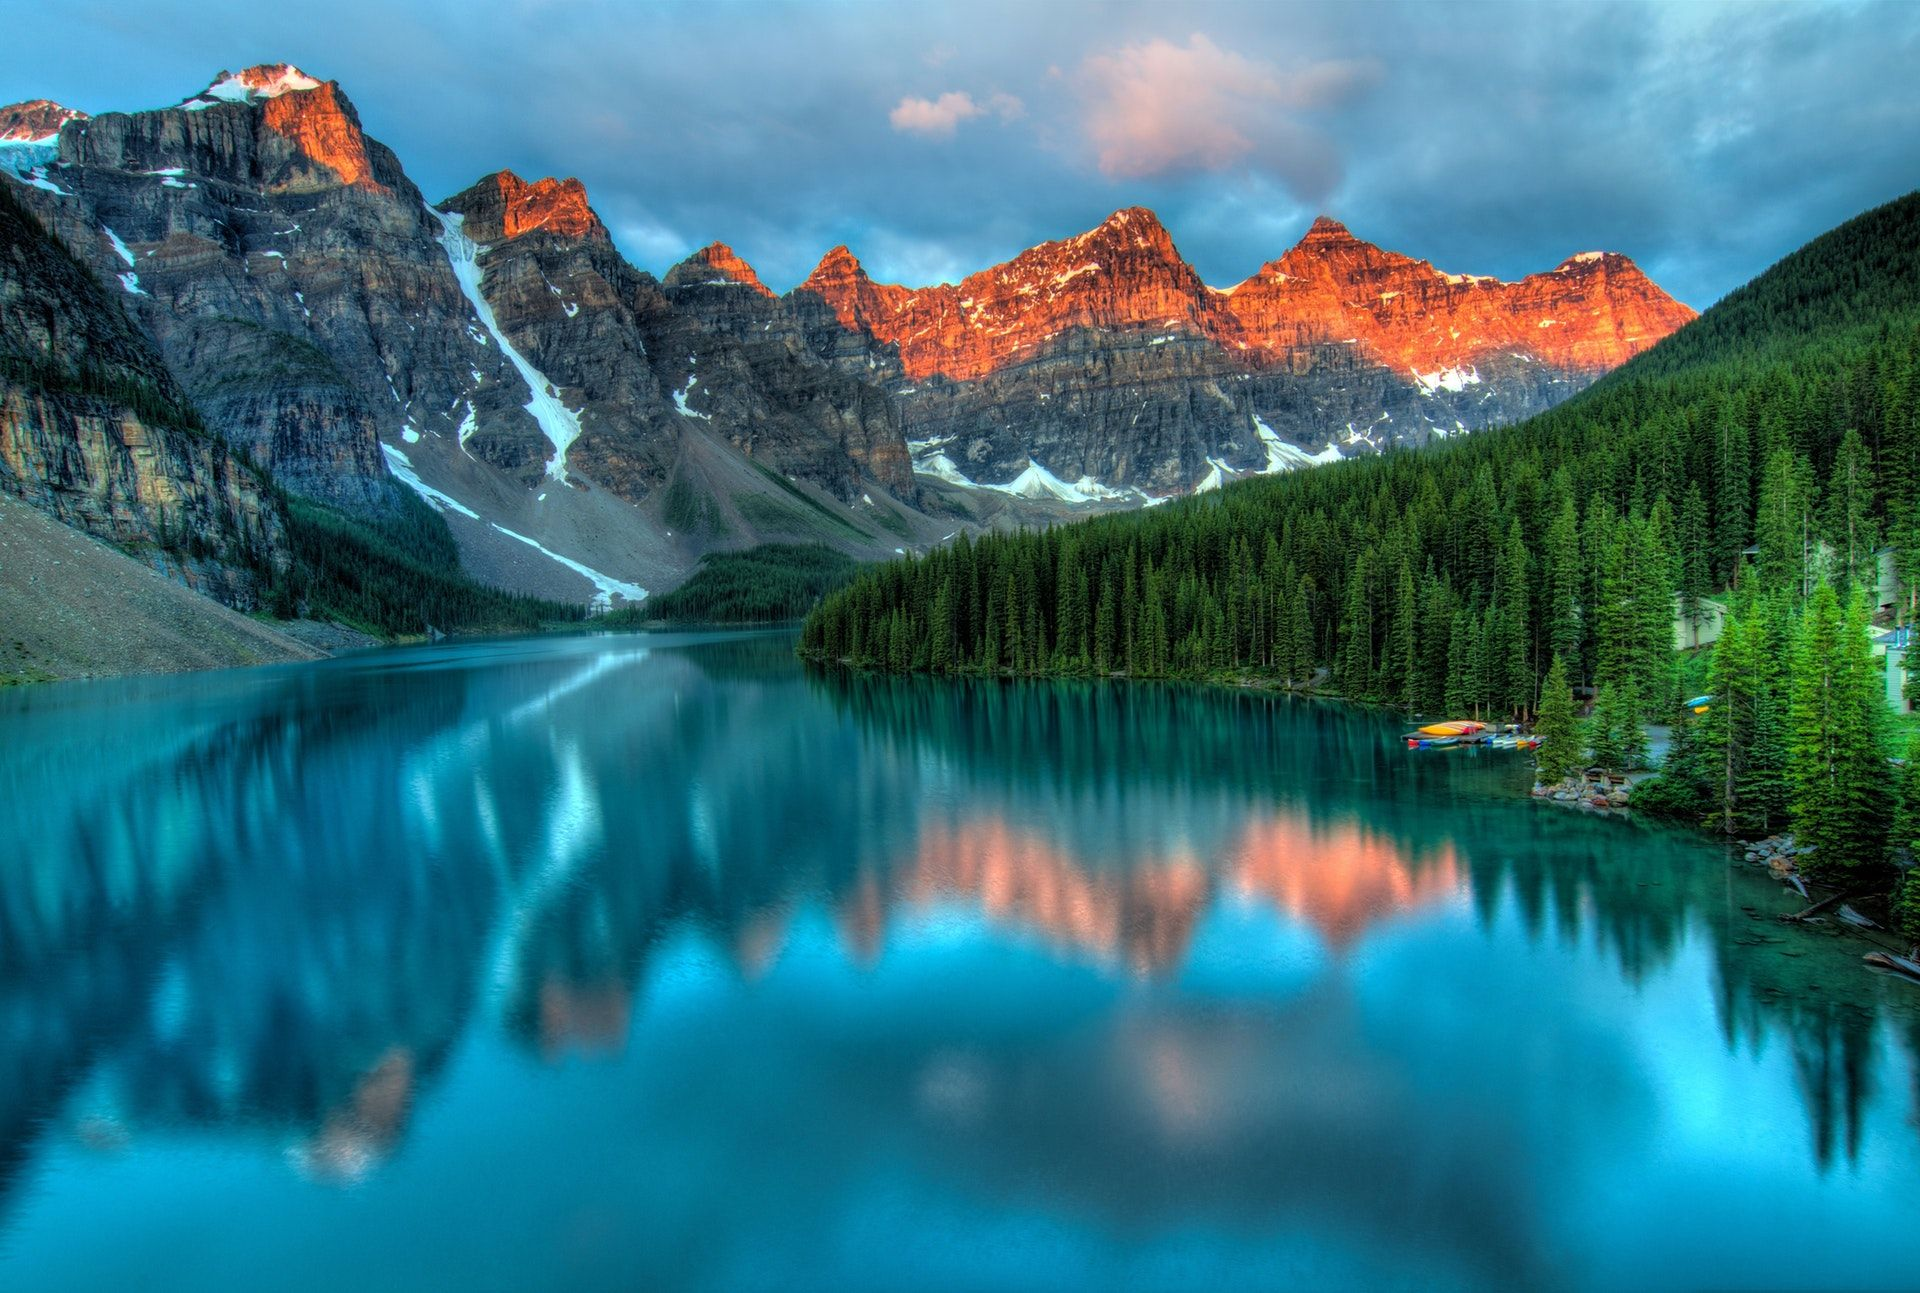 عکس زمینه کوه و دریاچه پس زمینه